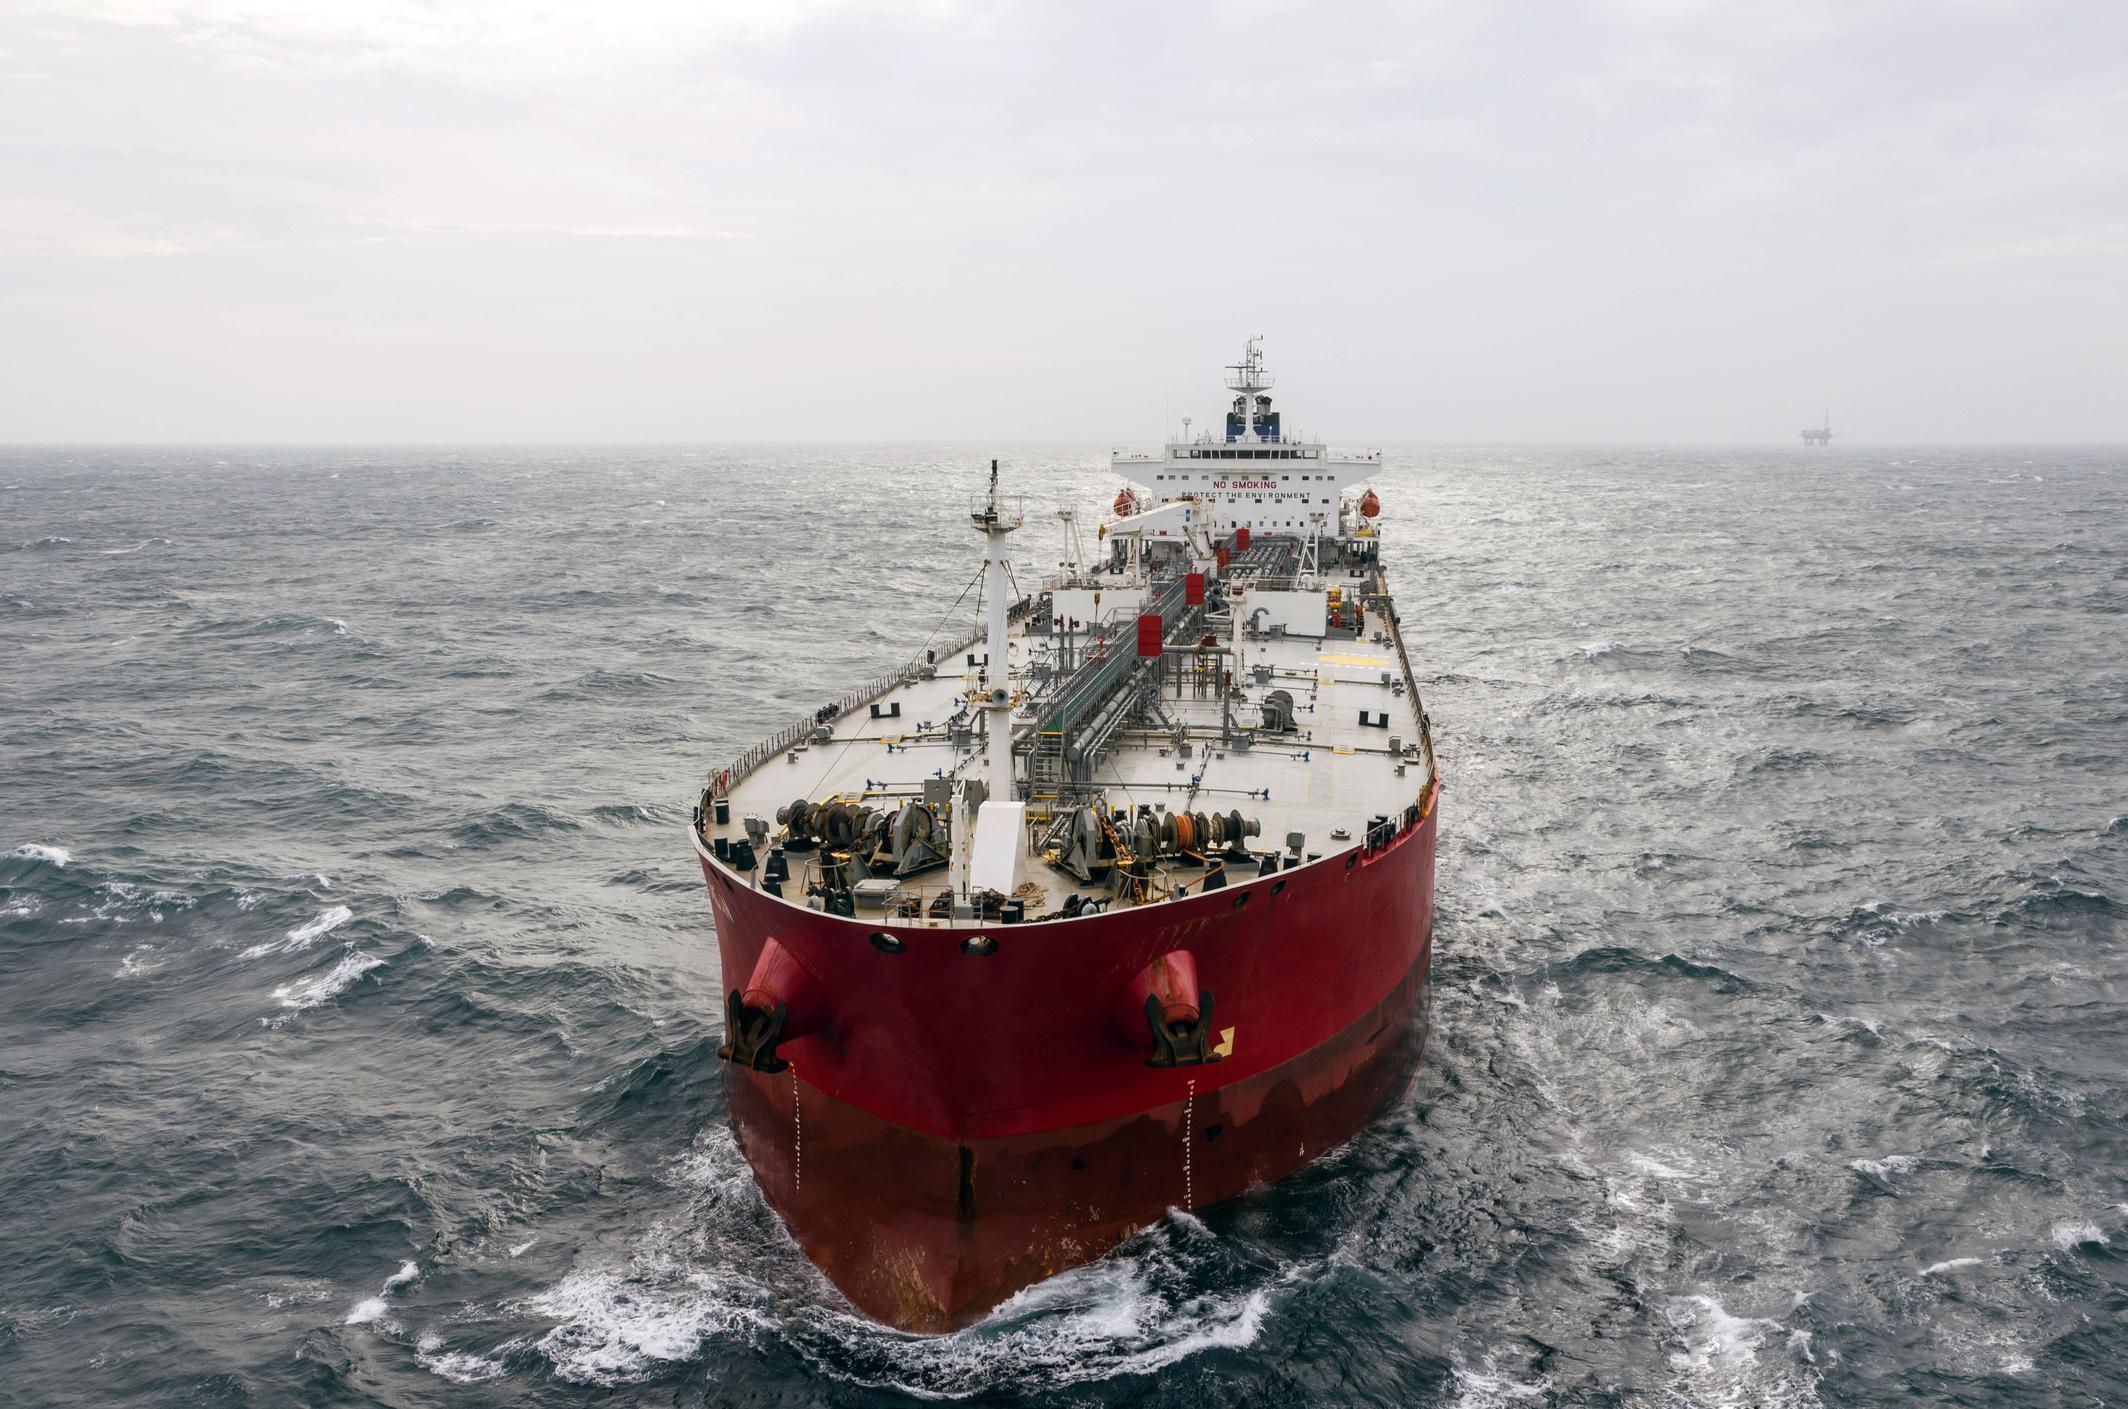 Shipping vessel on an ocean.